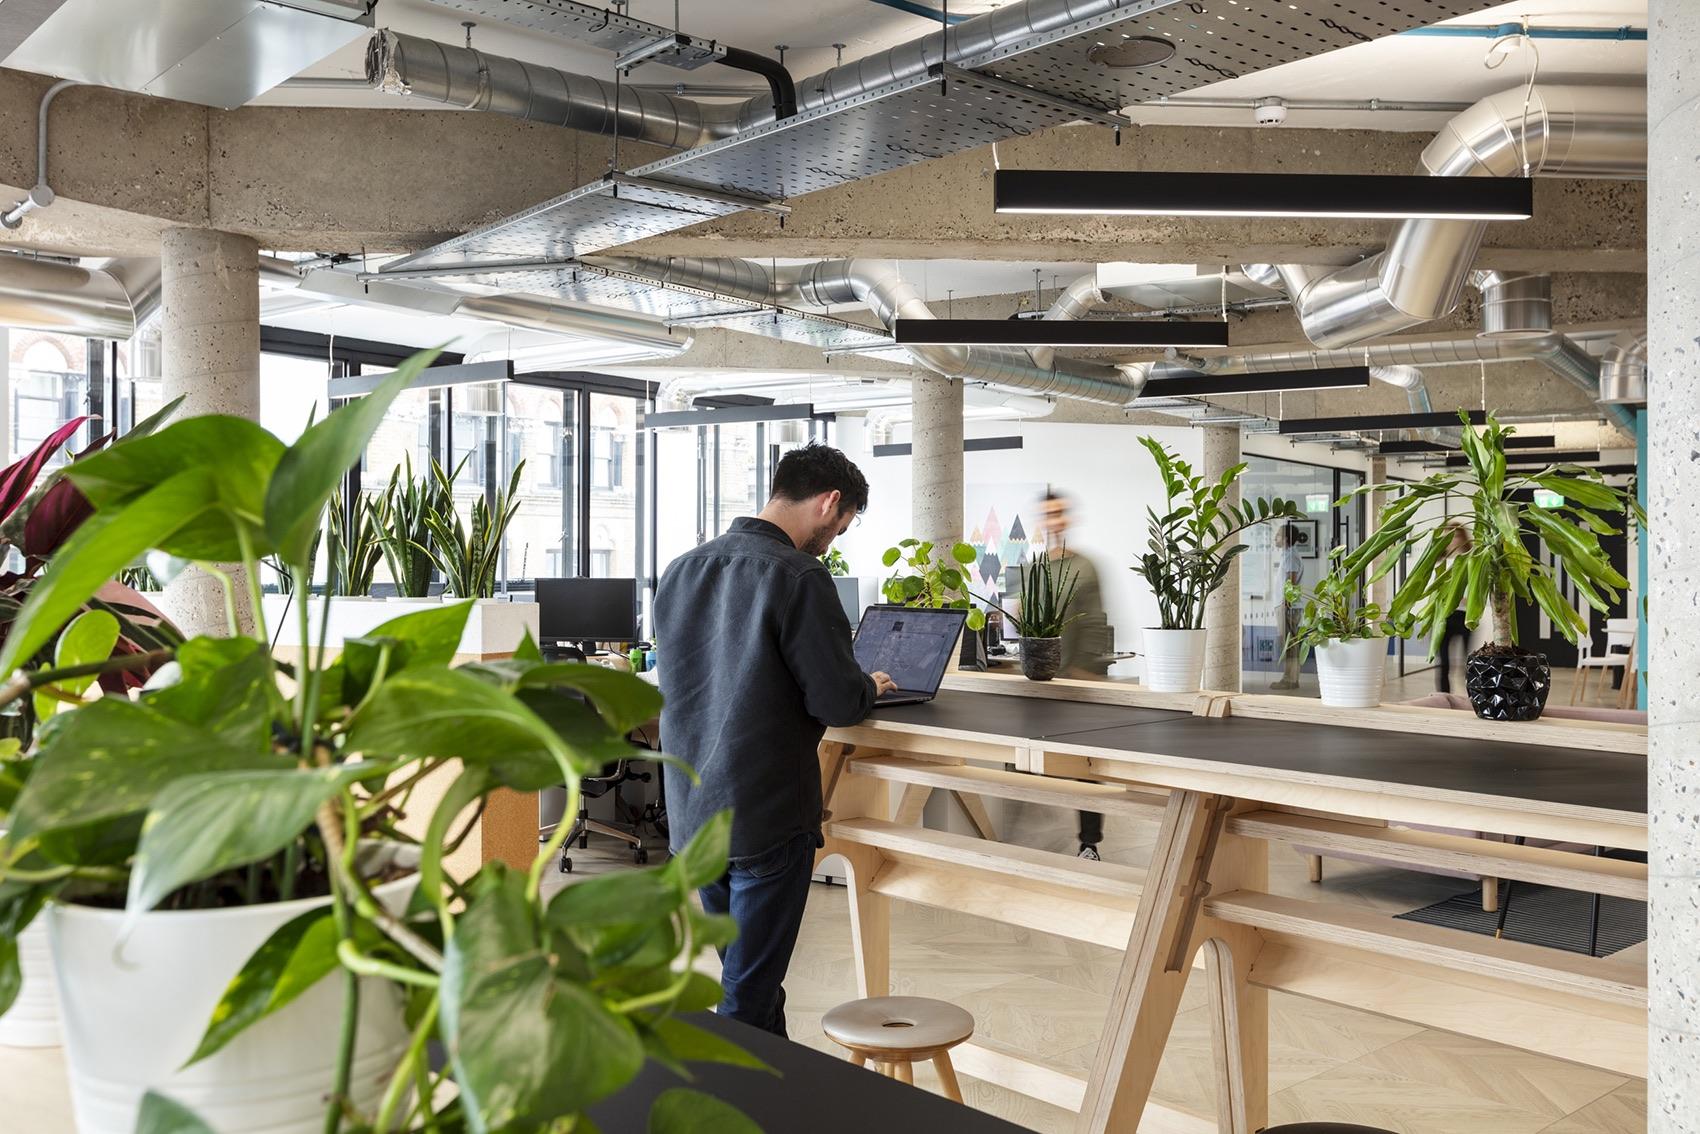 vungle-london-office-9